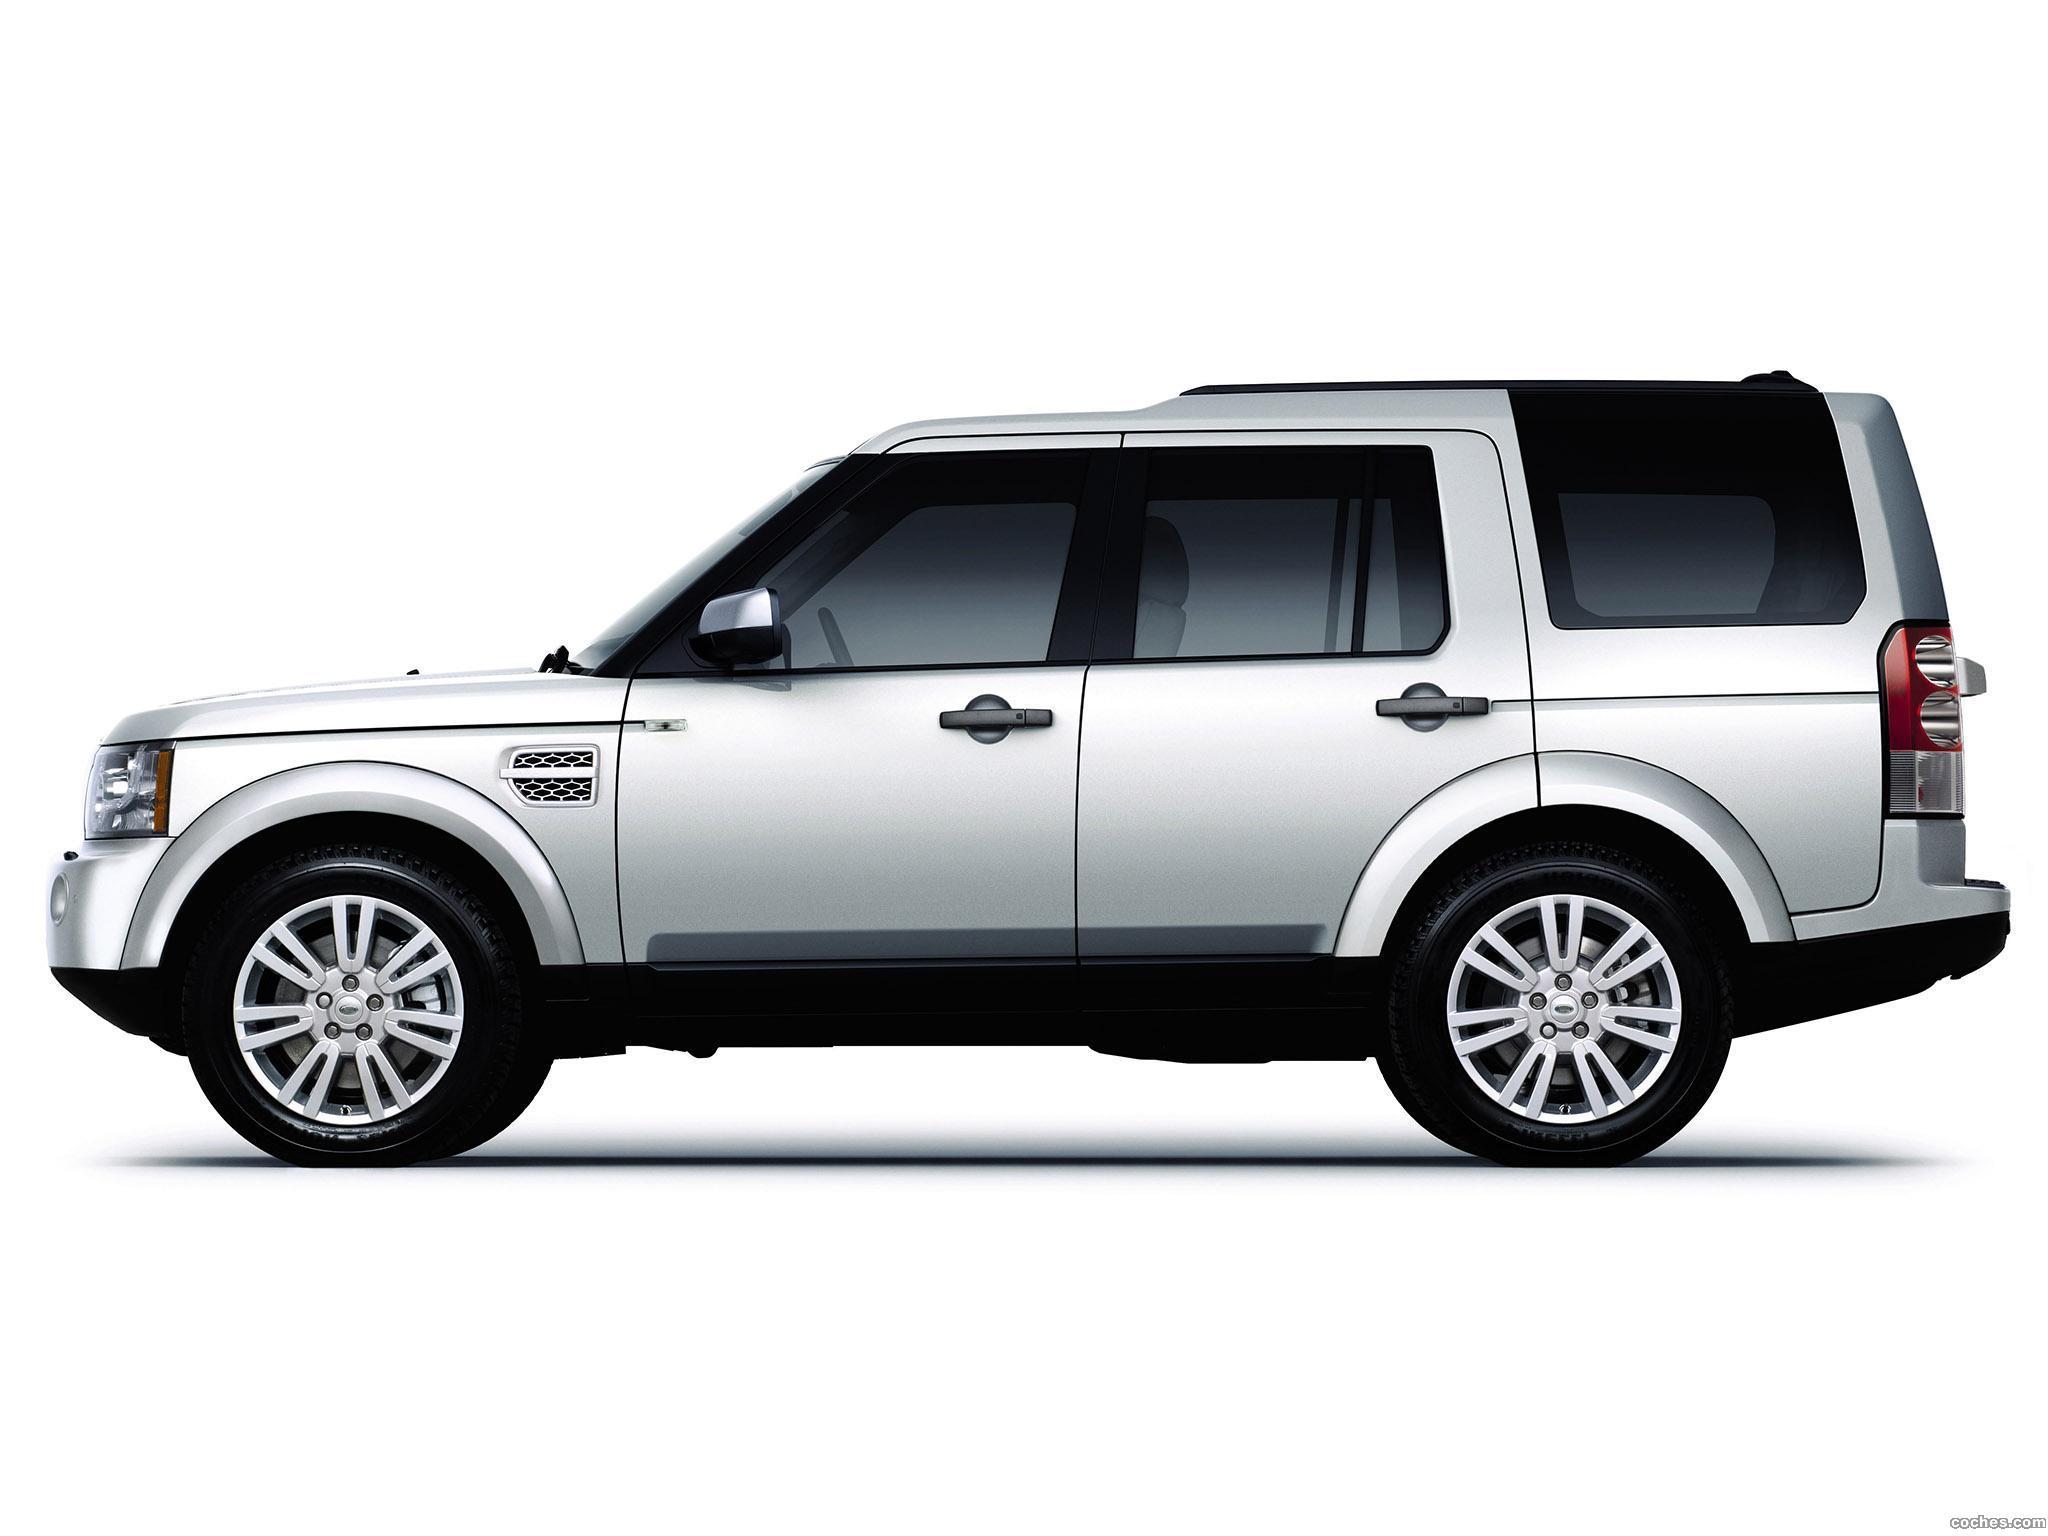 Foto 1 de Land Rover Discovery 4 2011